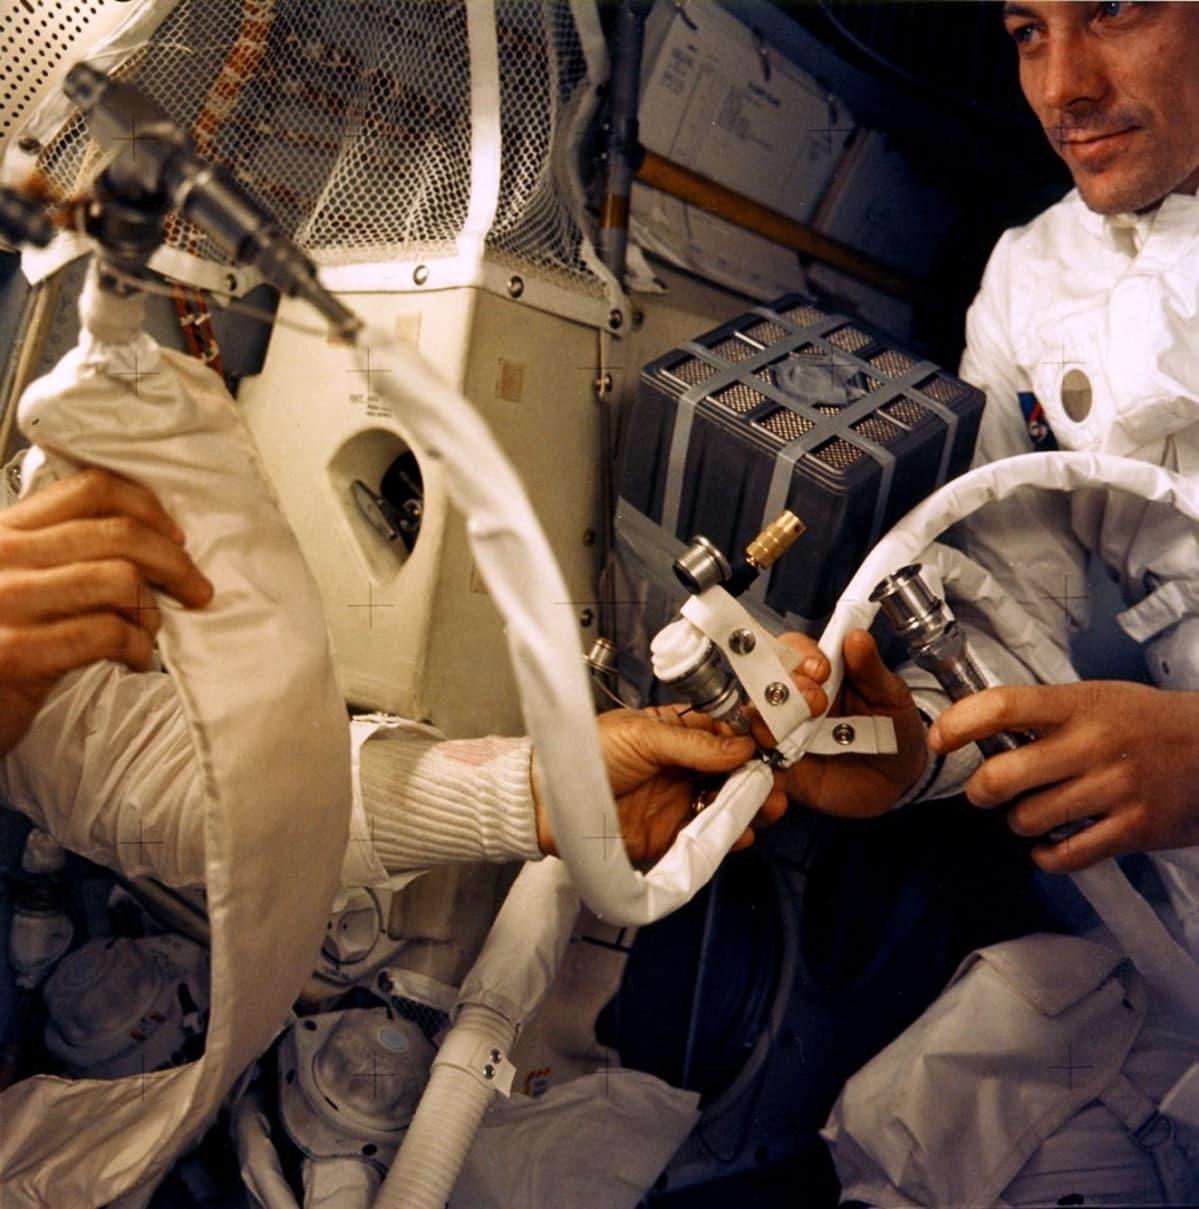 Laitteita ja kaksi astronauttia ahtaassa kuumoduulissa. Vasemmalla olevan astronautin kasvot eivät näy.